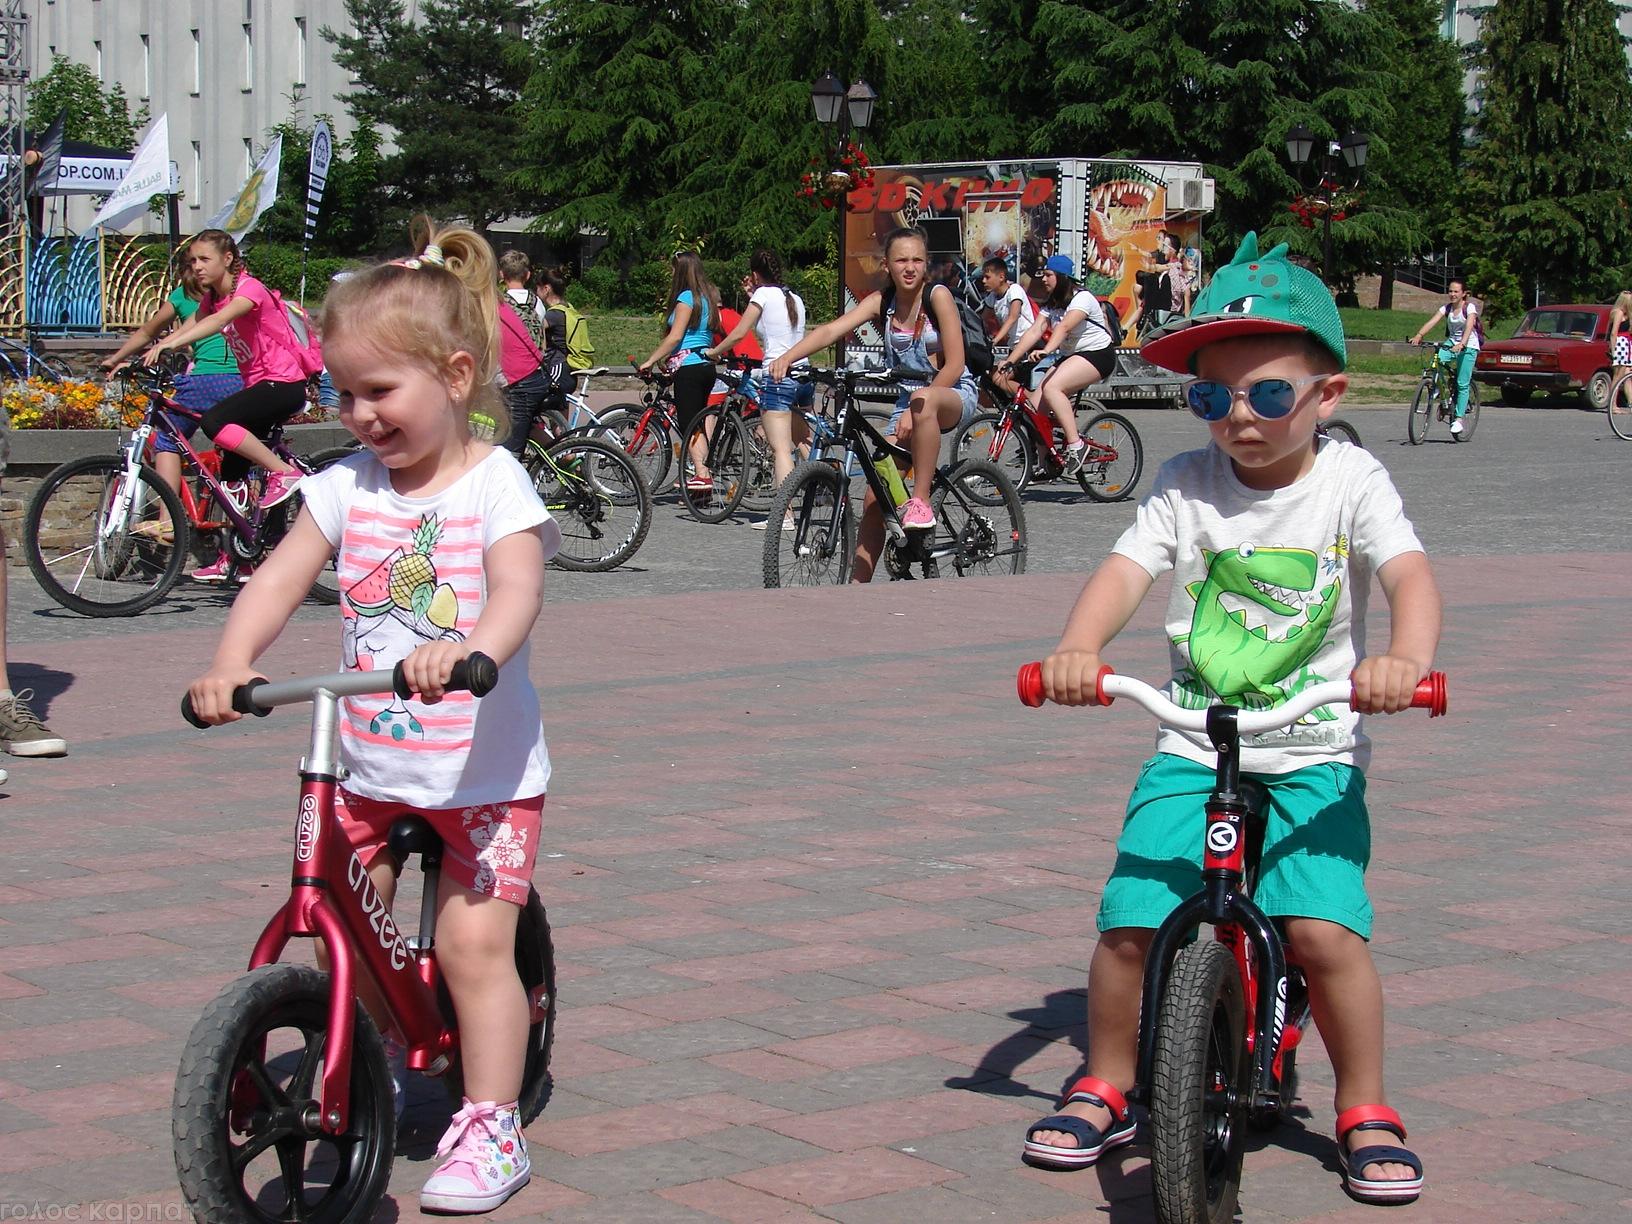 Велодень по-хустськи: малеча на біговелах та святковий велопарад (ФОТО)